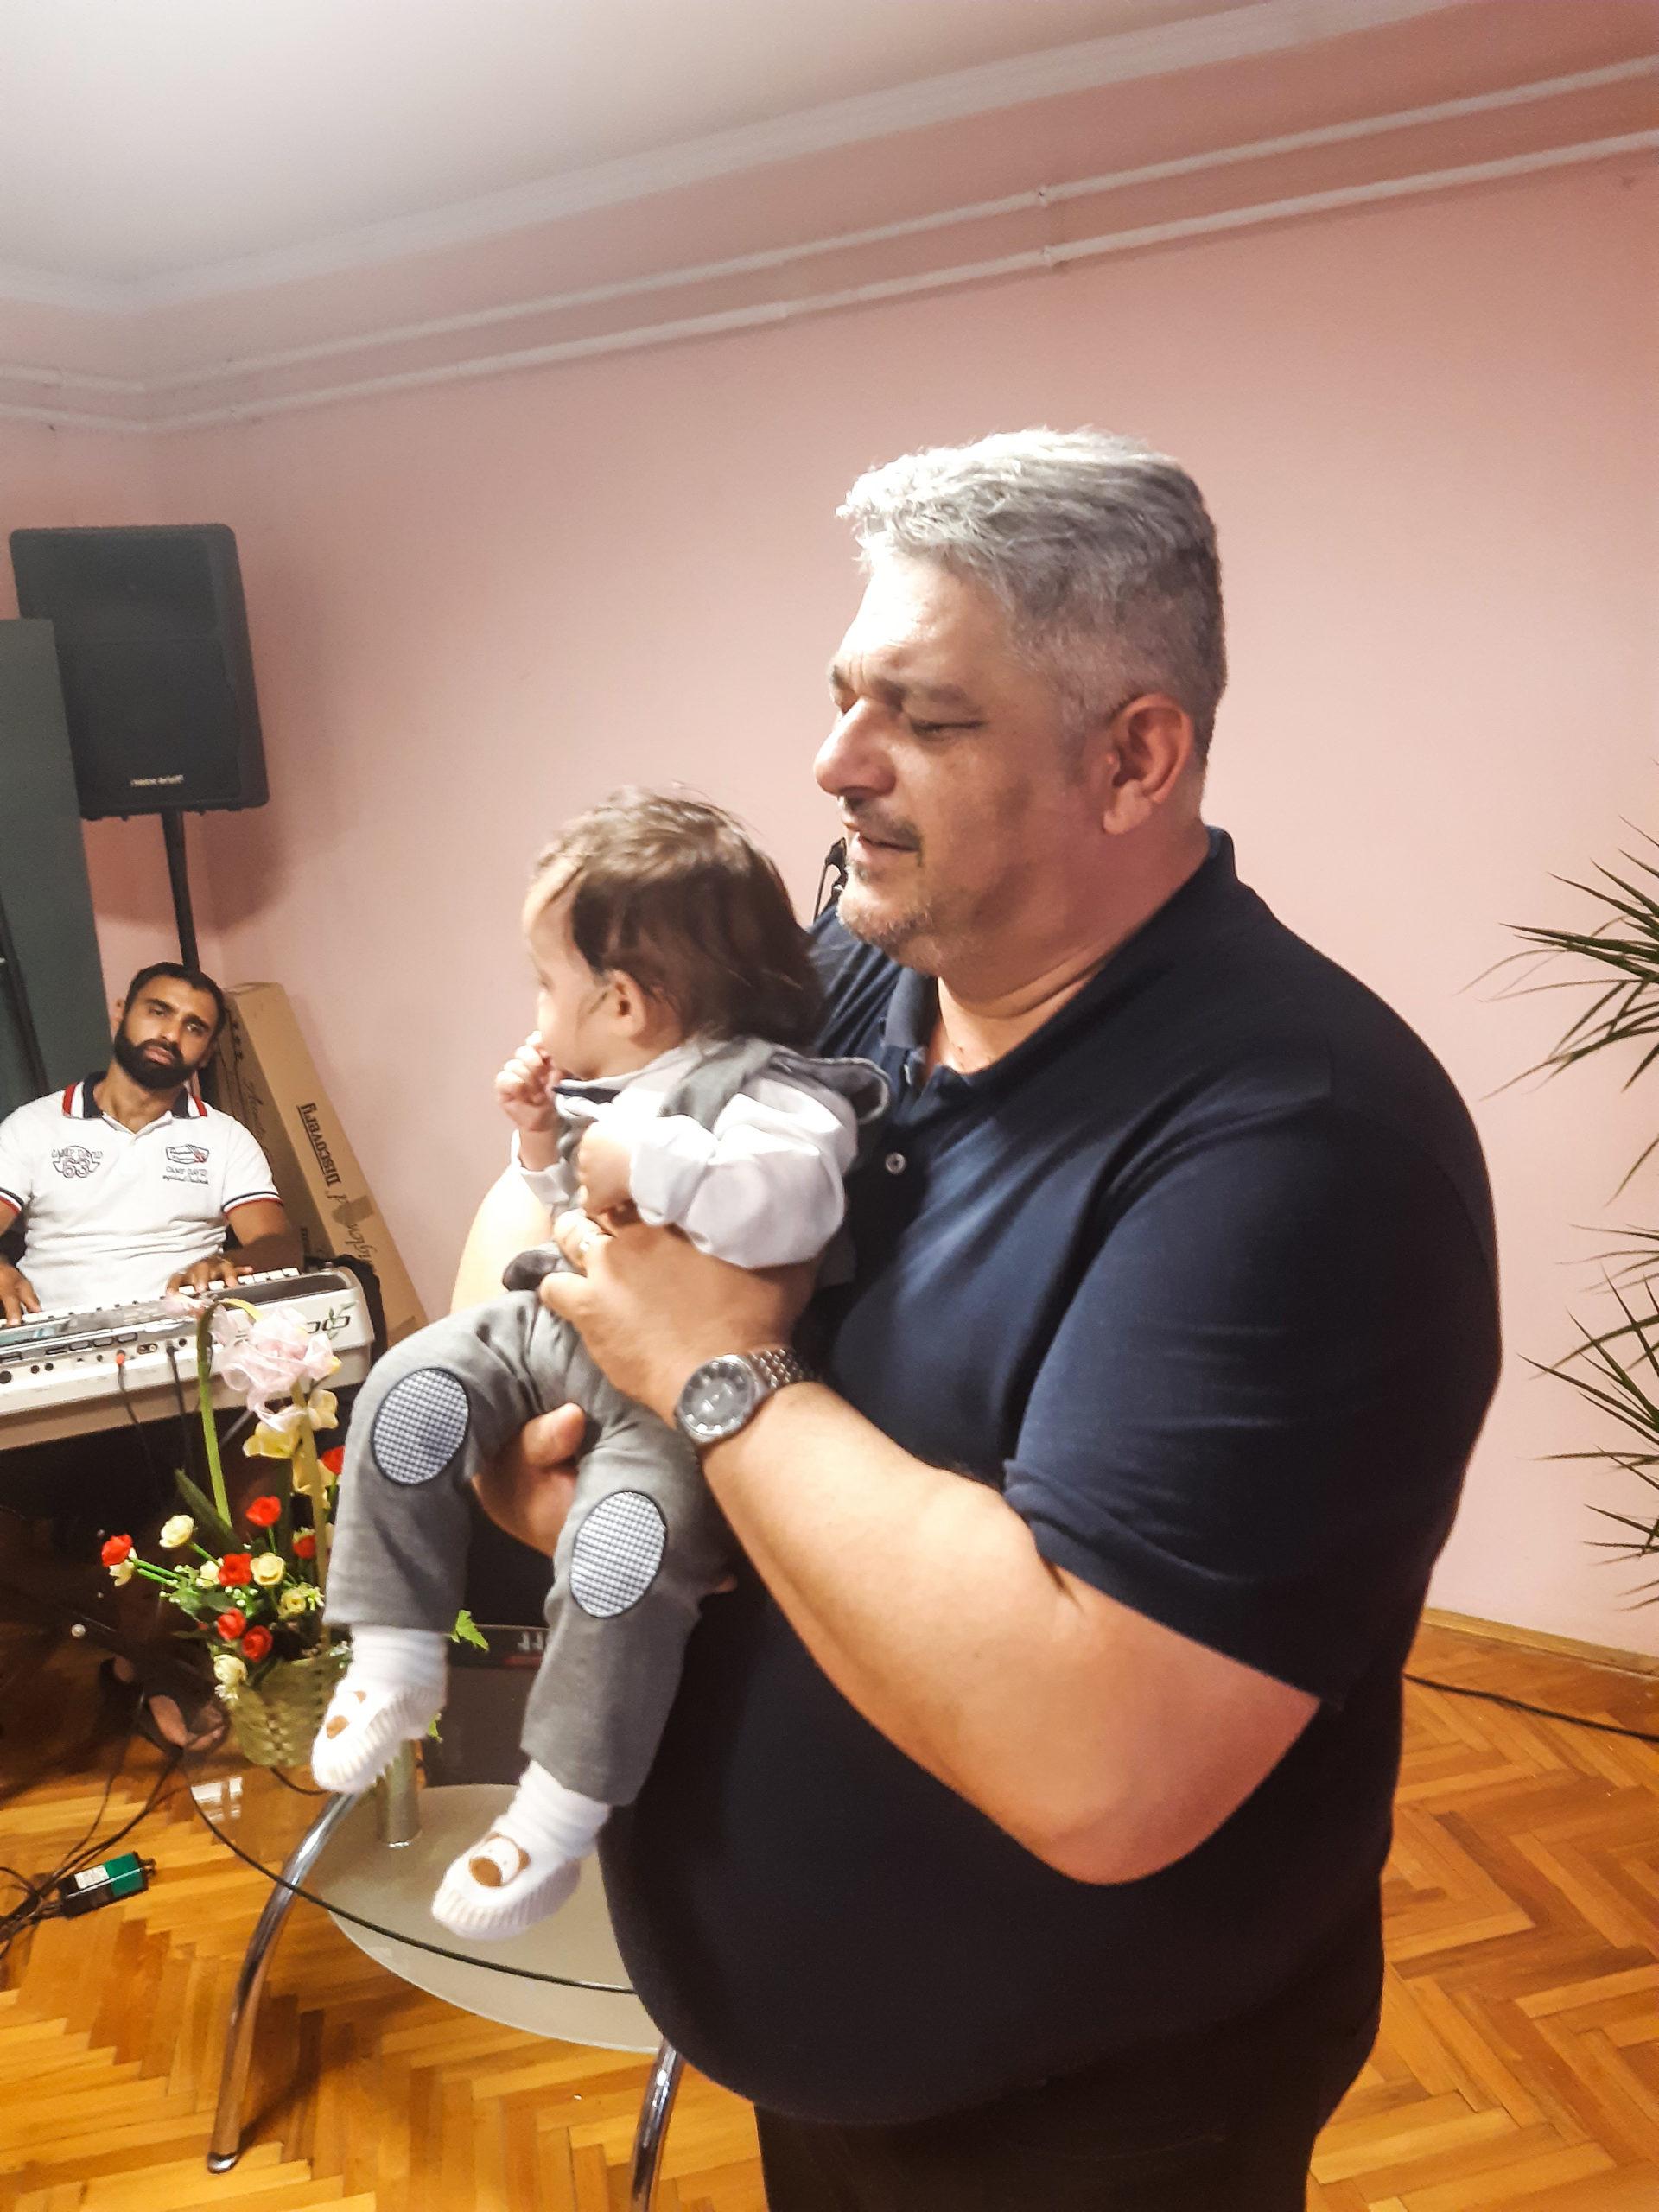 nyirvasvari_gyermekbemutatás_2020_03